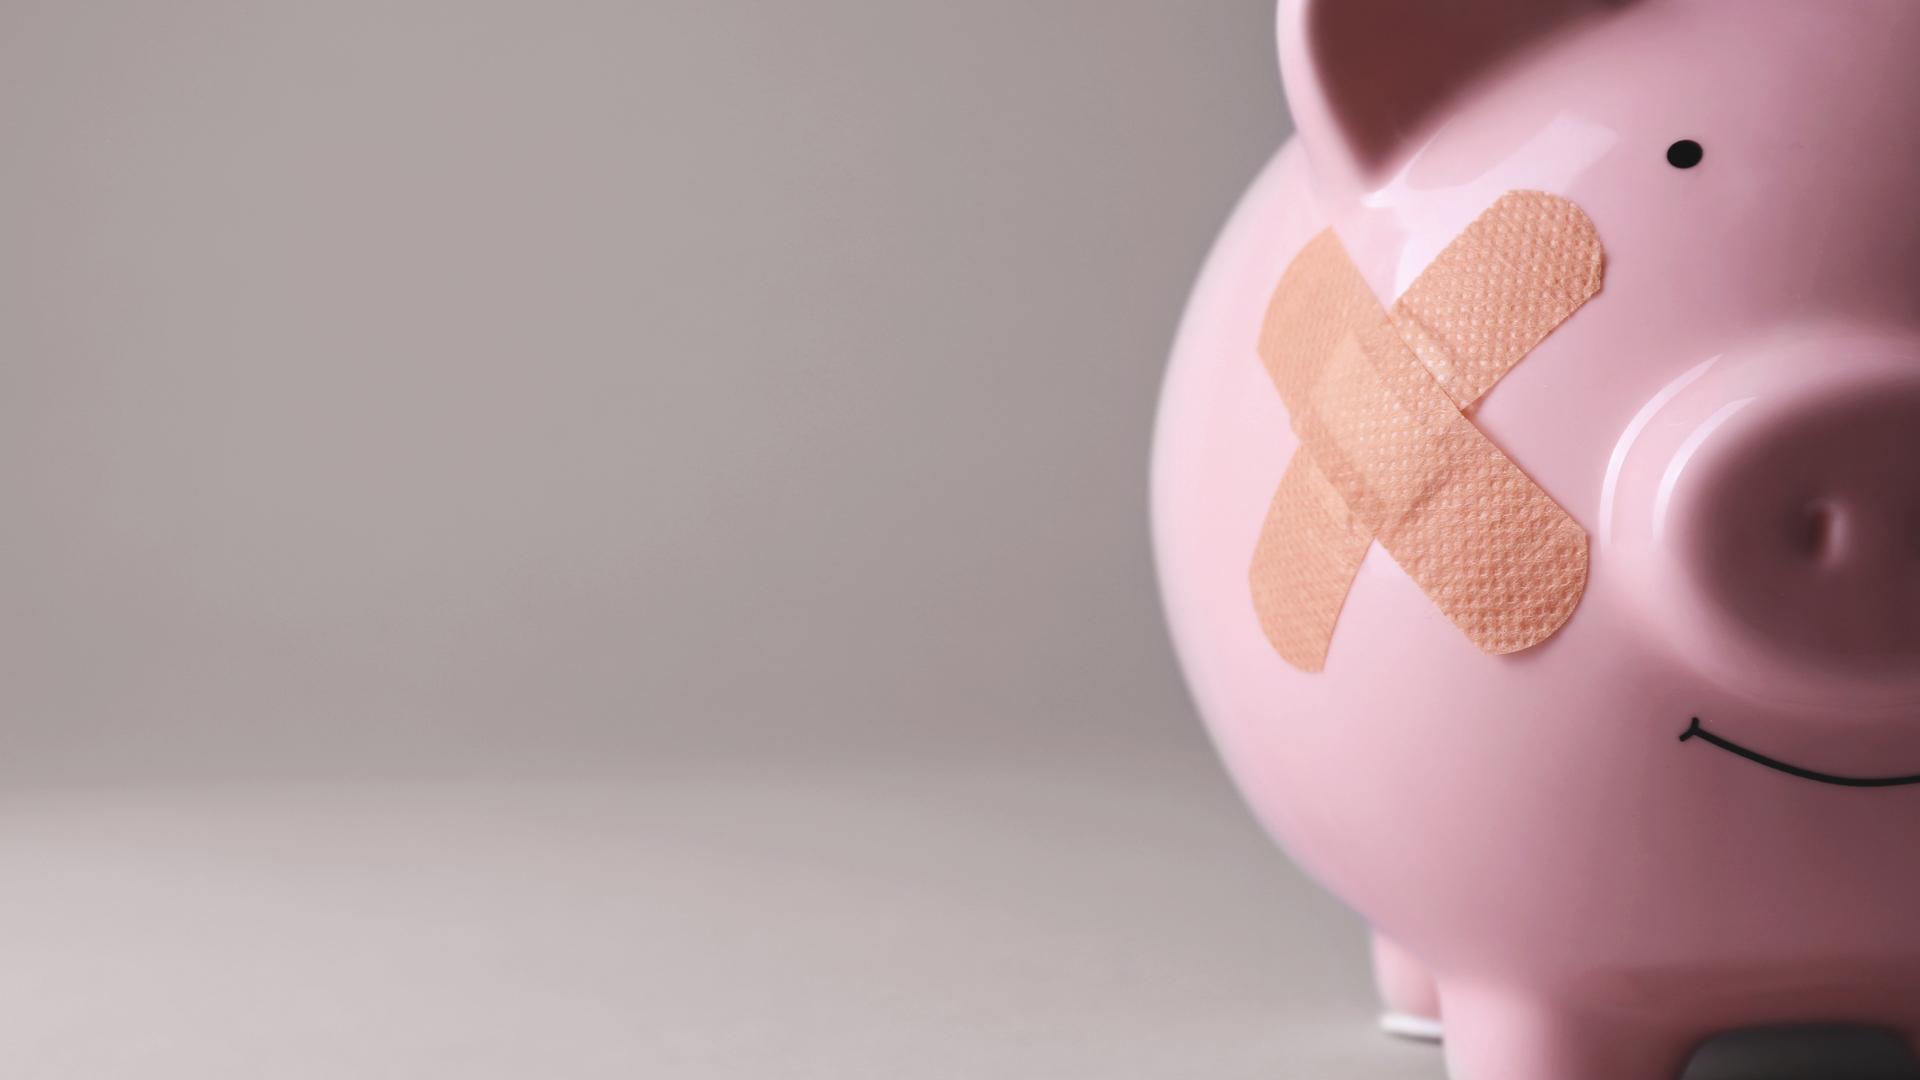 5 erros que levam à falência e como evitá-los